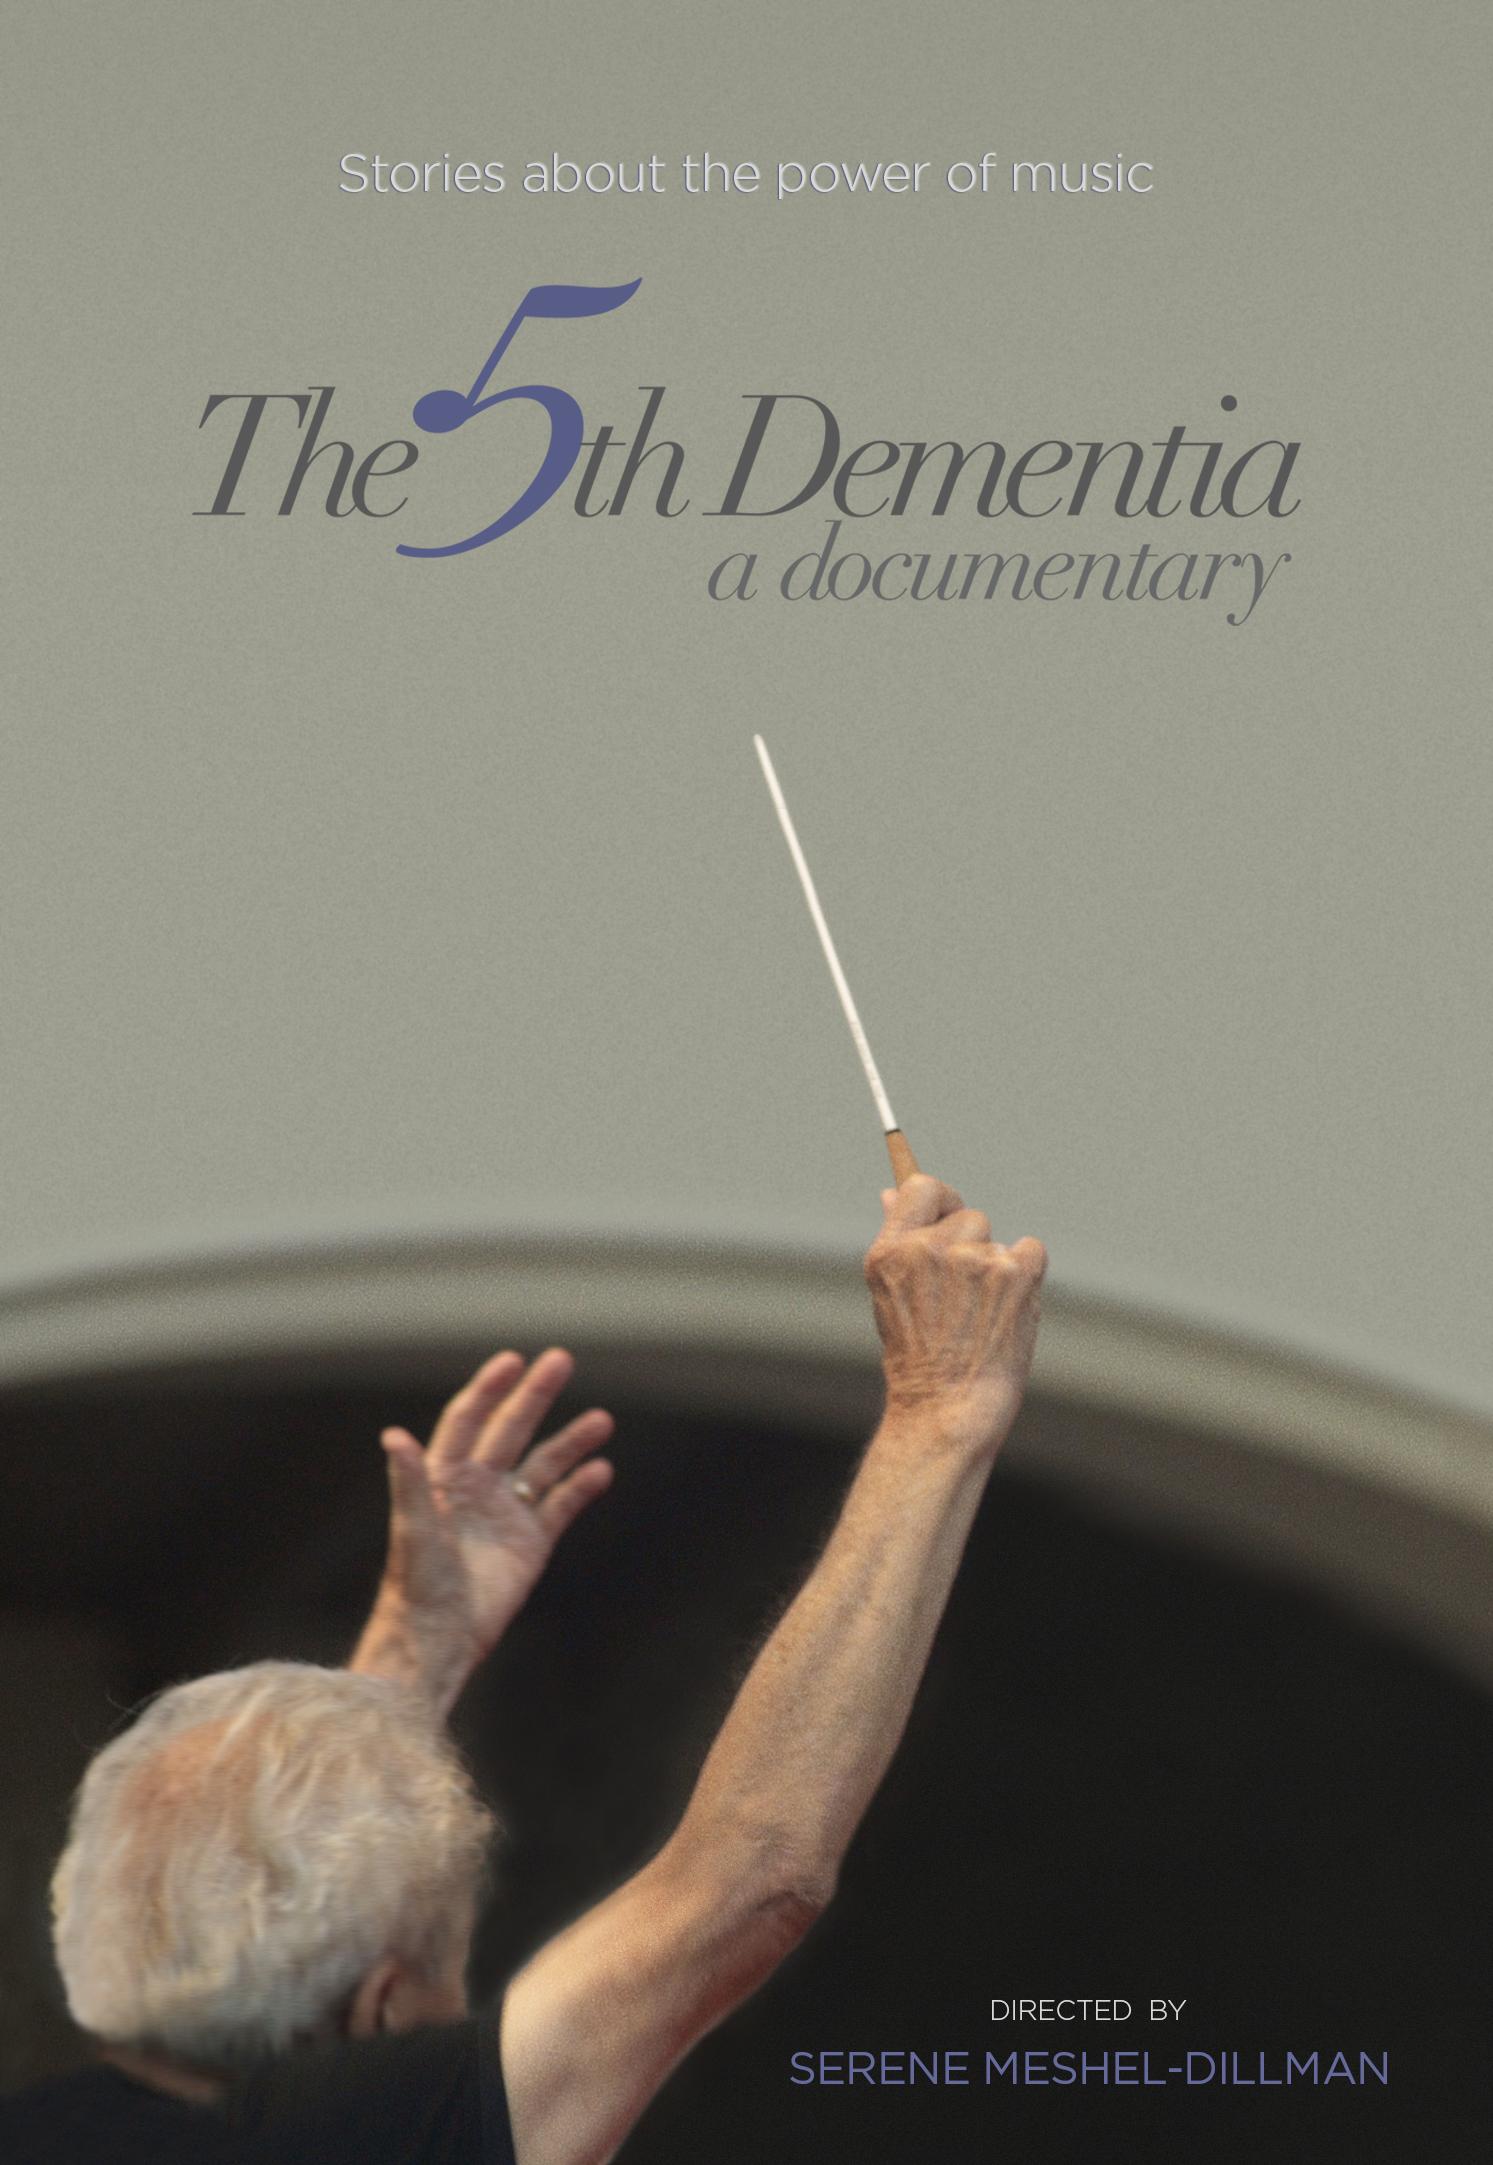 5th Dementia One Sheet R1.jpg